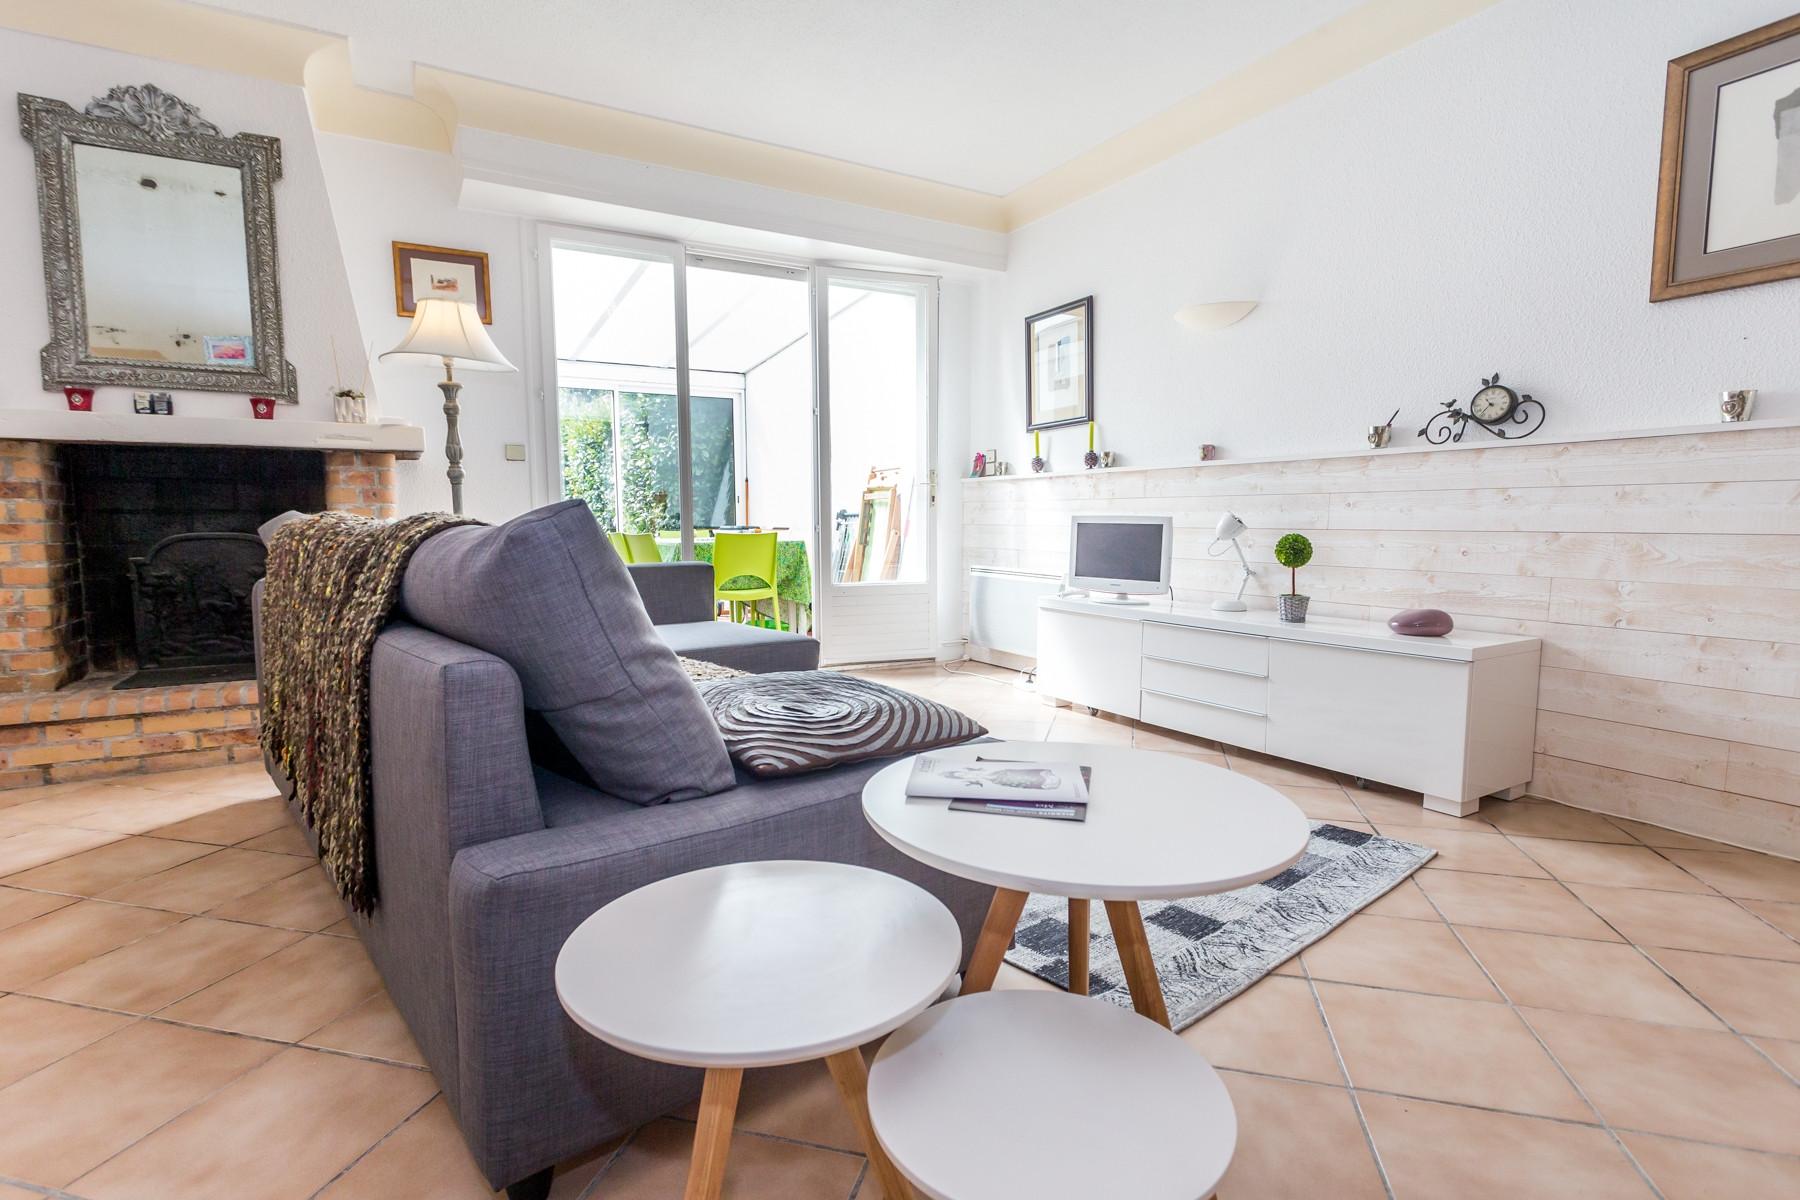 Biarritz jardin public maison de ville avec jardin et wifi gratuit